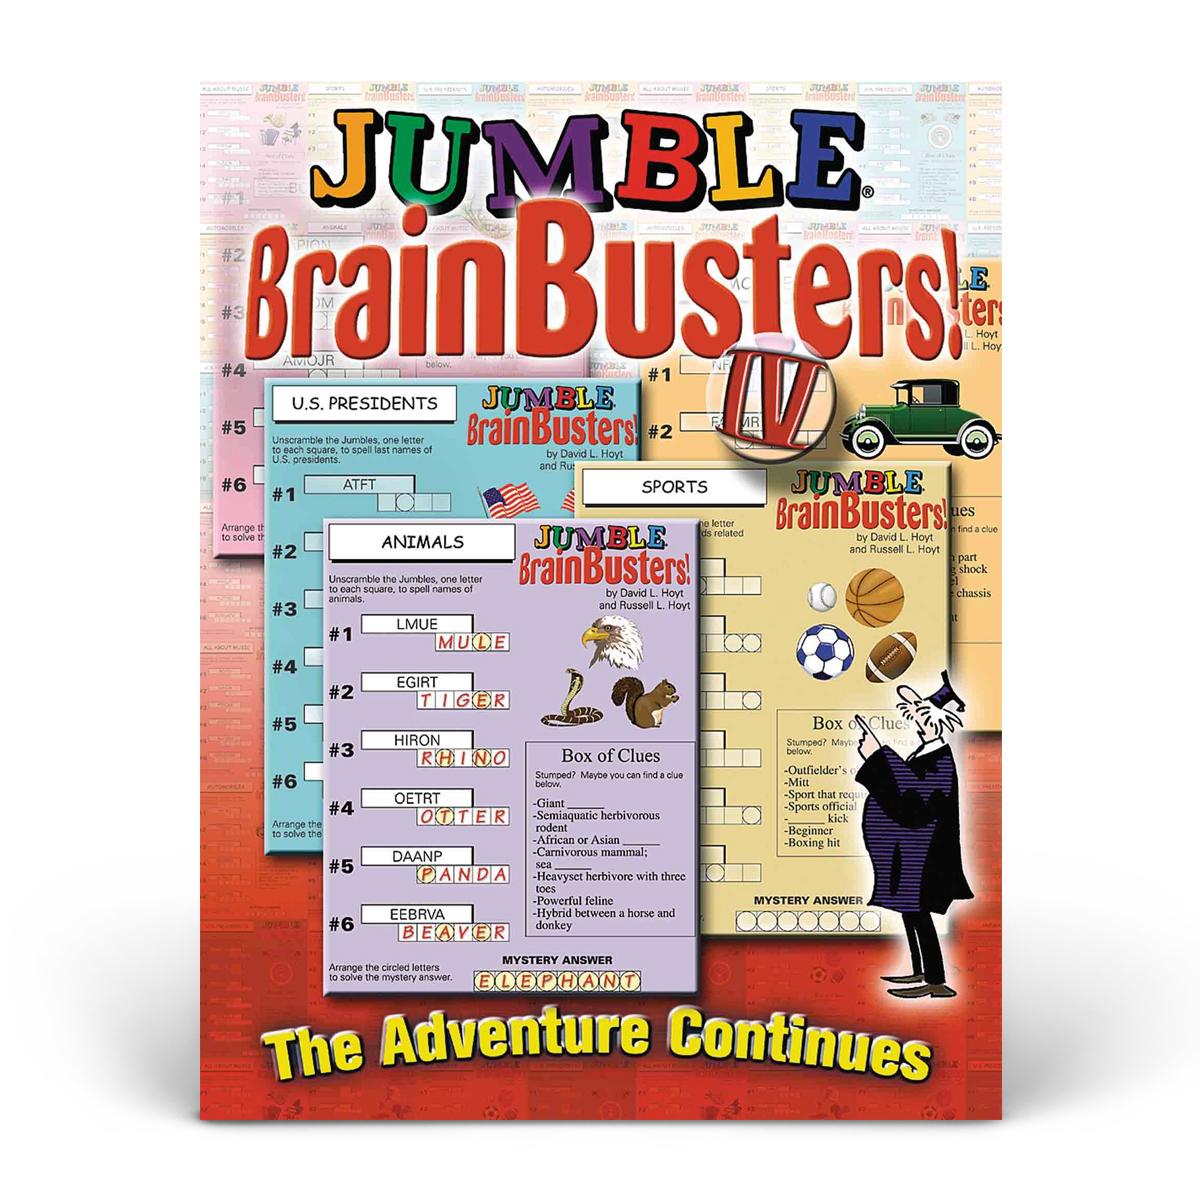 Jumble! BrainBusters! IV